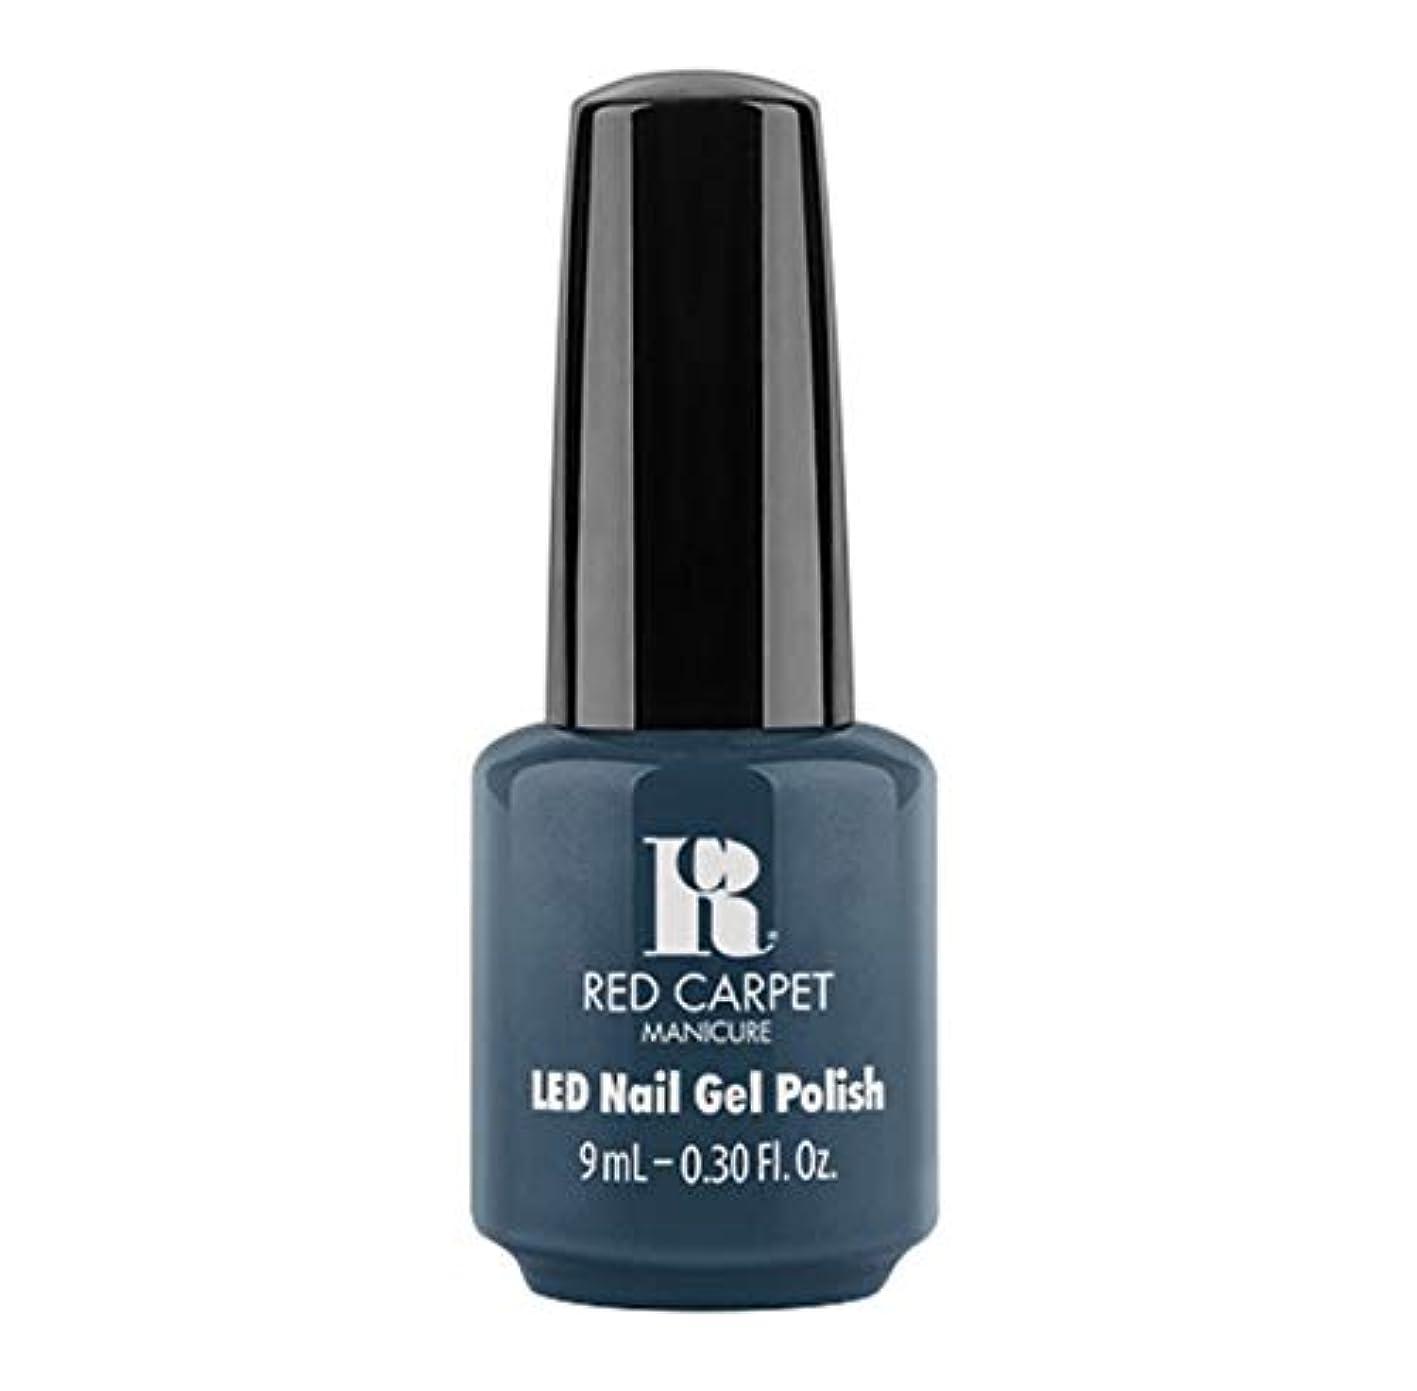 学校の先生フォーク最適Red Carpet Manicure - LED Nail Gel Polish - Teal The One - 9ml / 0.30oz